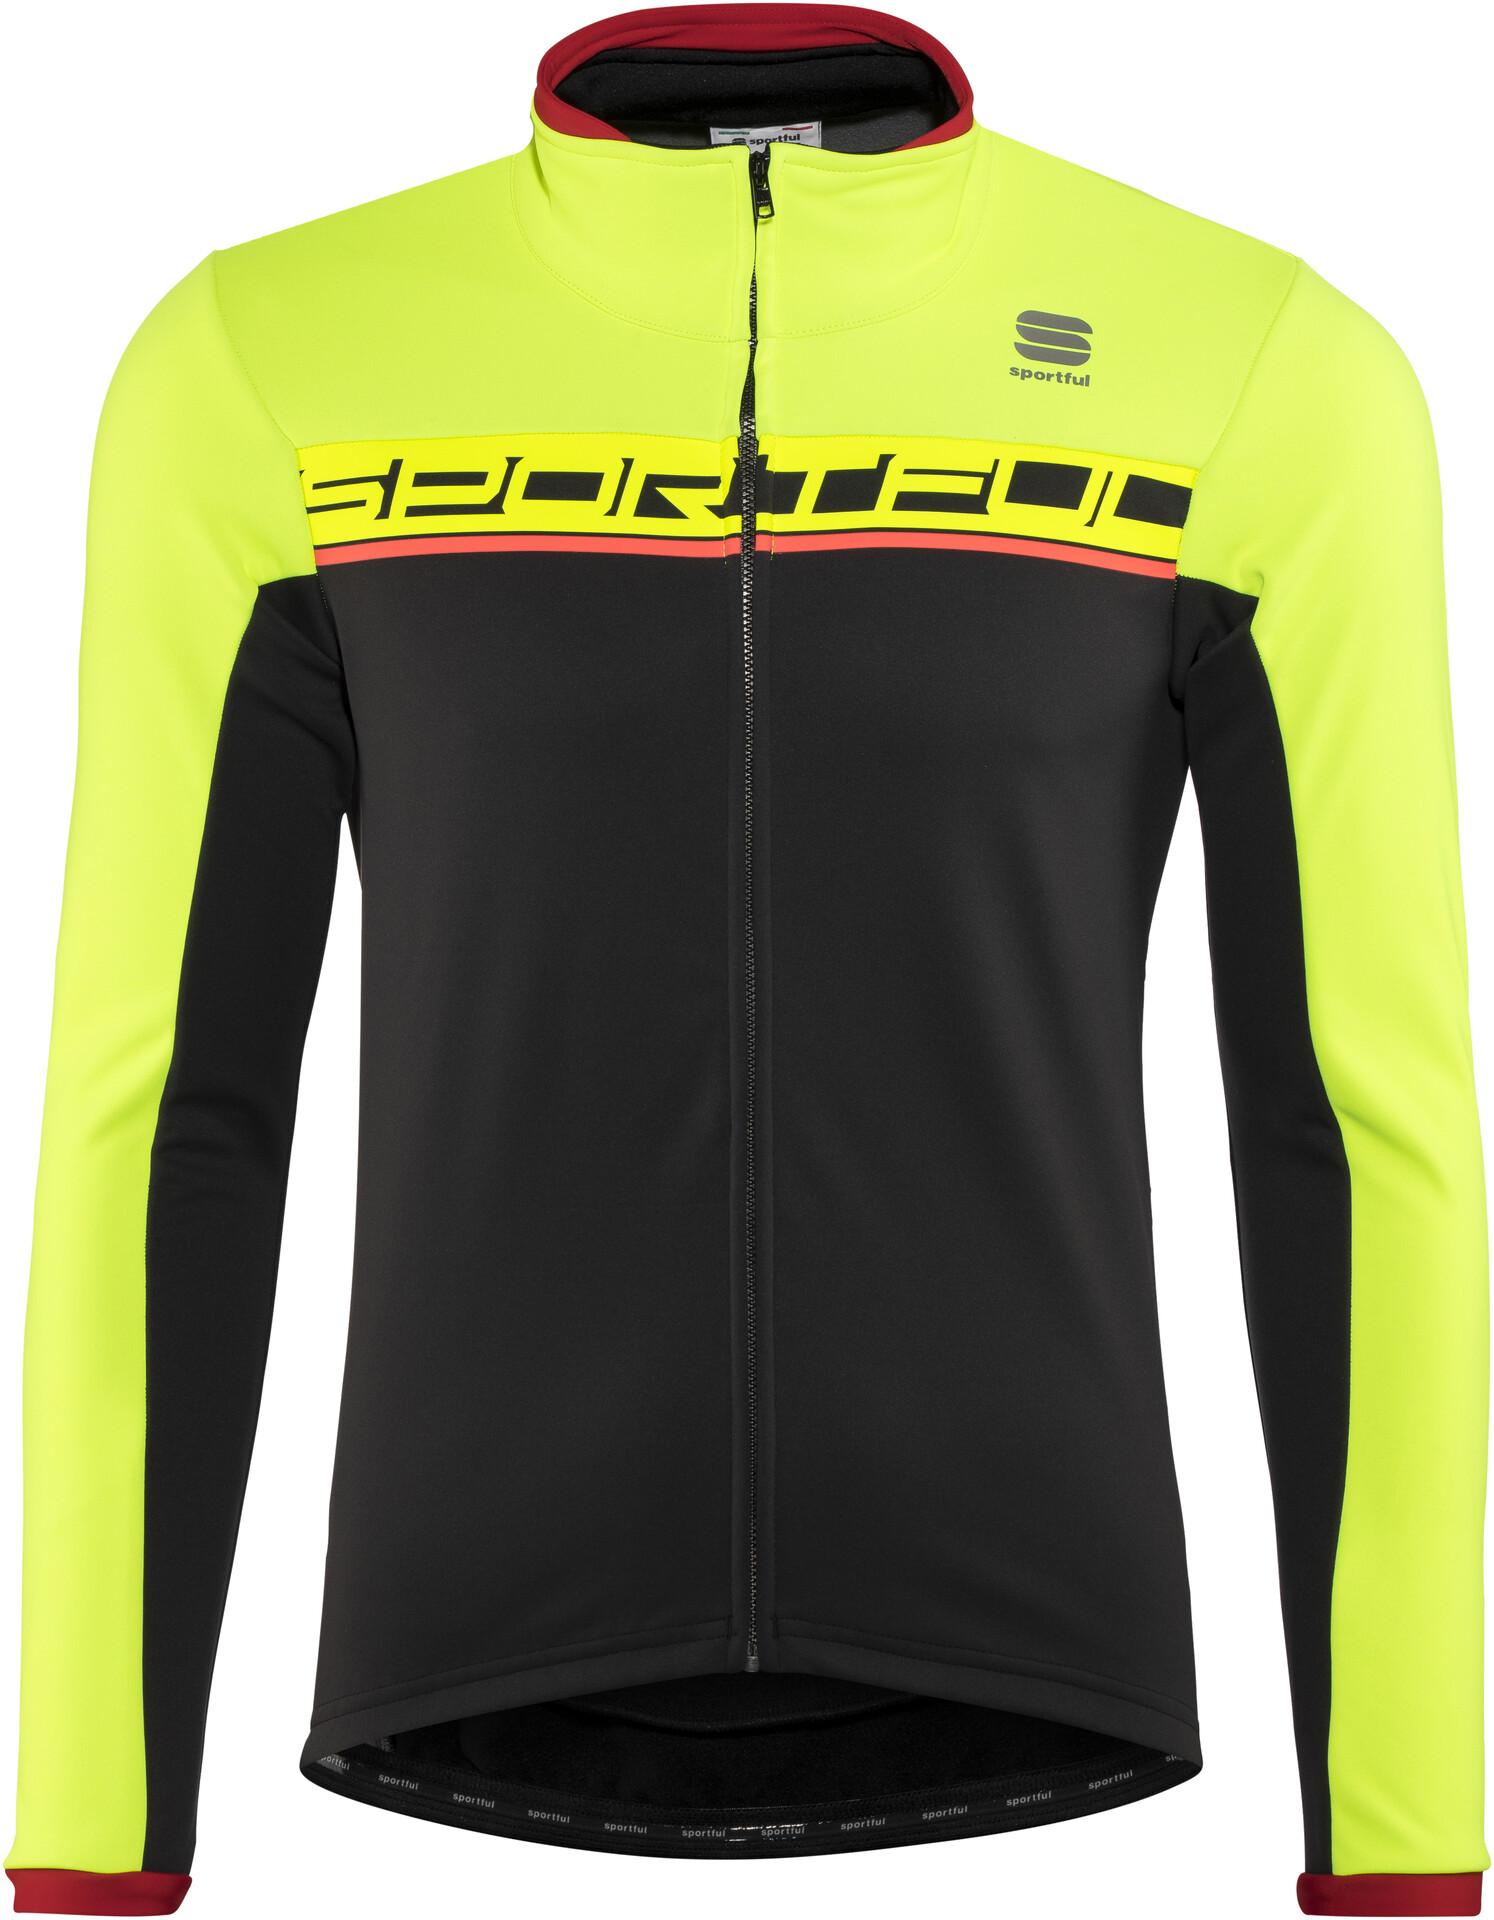 Boutique Vélos Sportful De Homme Giro Veste En Jaunenoir qxIwHYzI